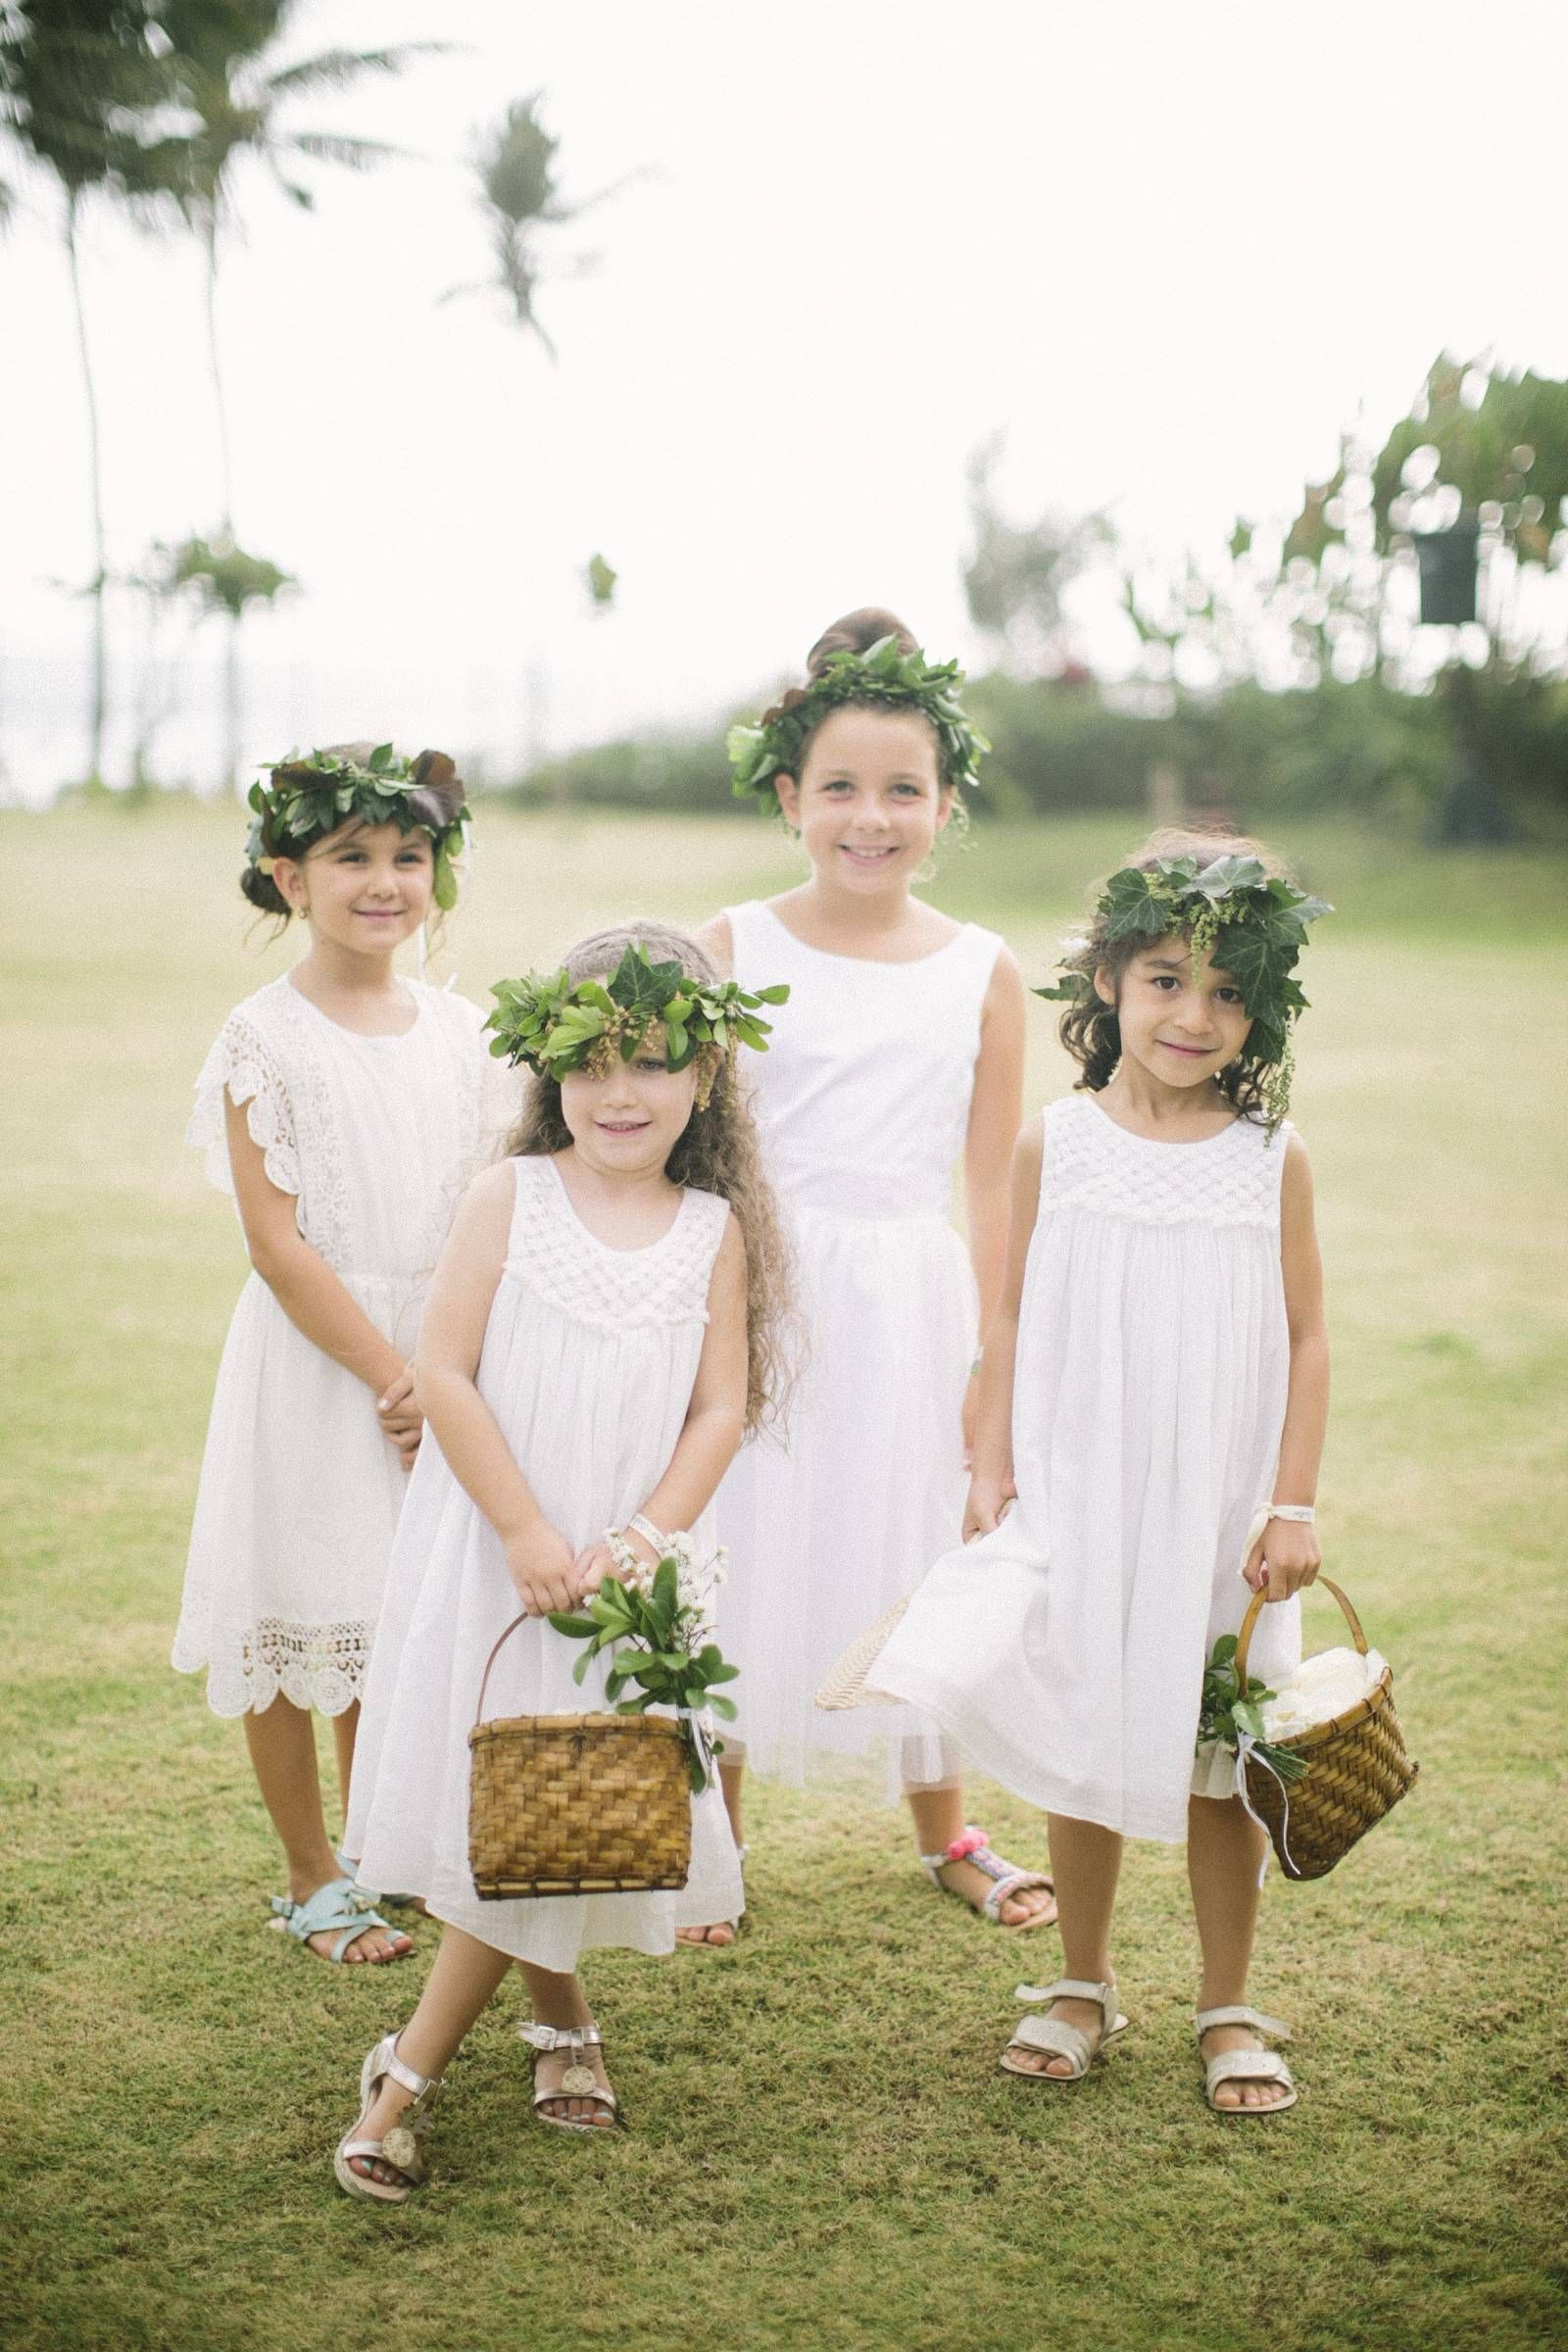 Darling Flower Girls At An Elegant Tropical Wedding In A Small Village In Bali Via Magnolia Rouge Kinder Auf Der Hochzeit Blumenkinder Kleider Blumenkinder